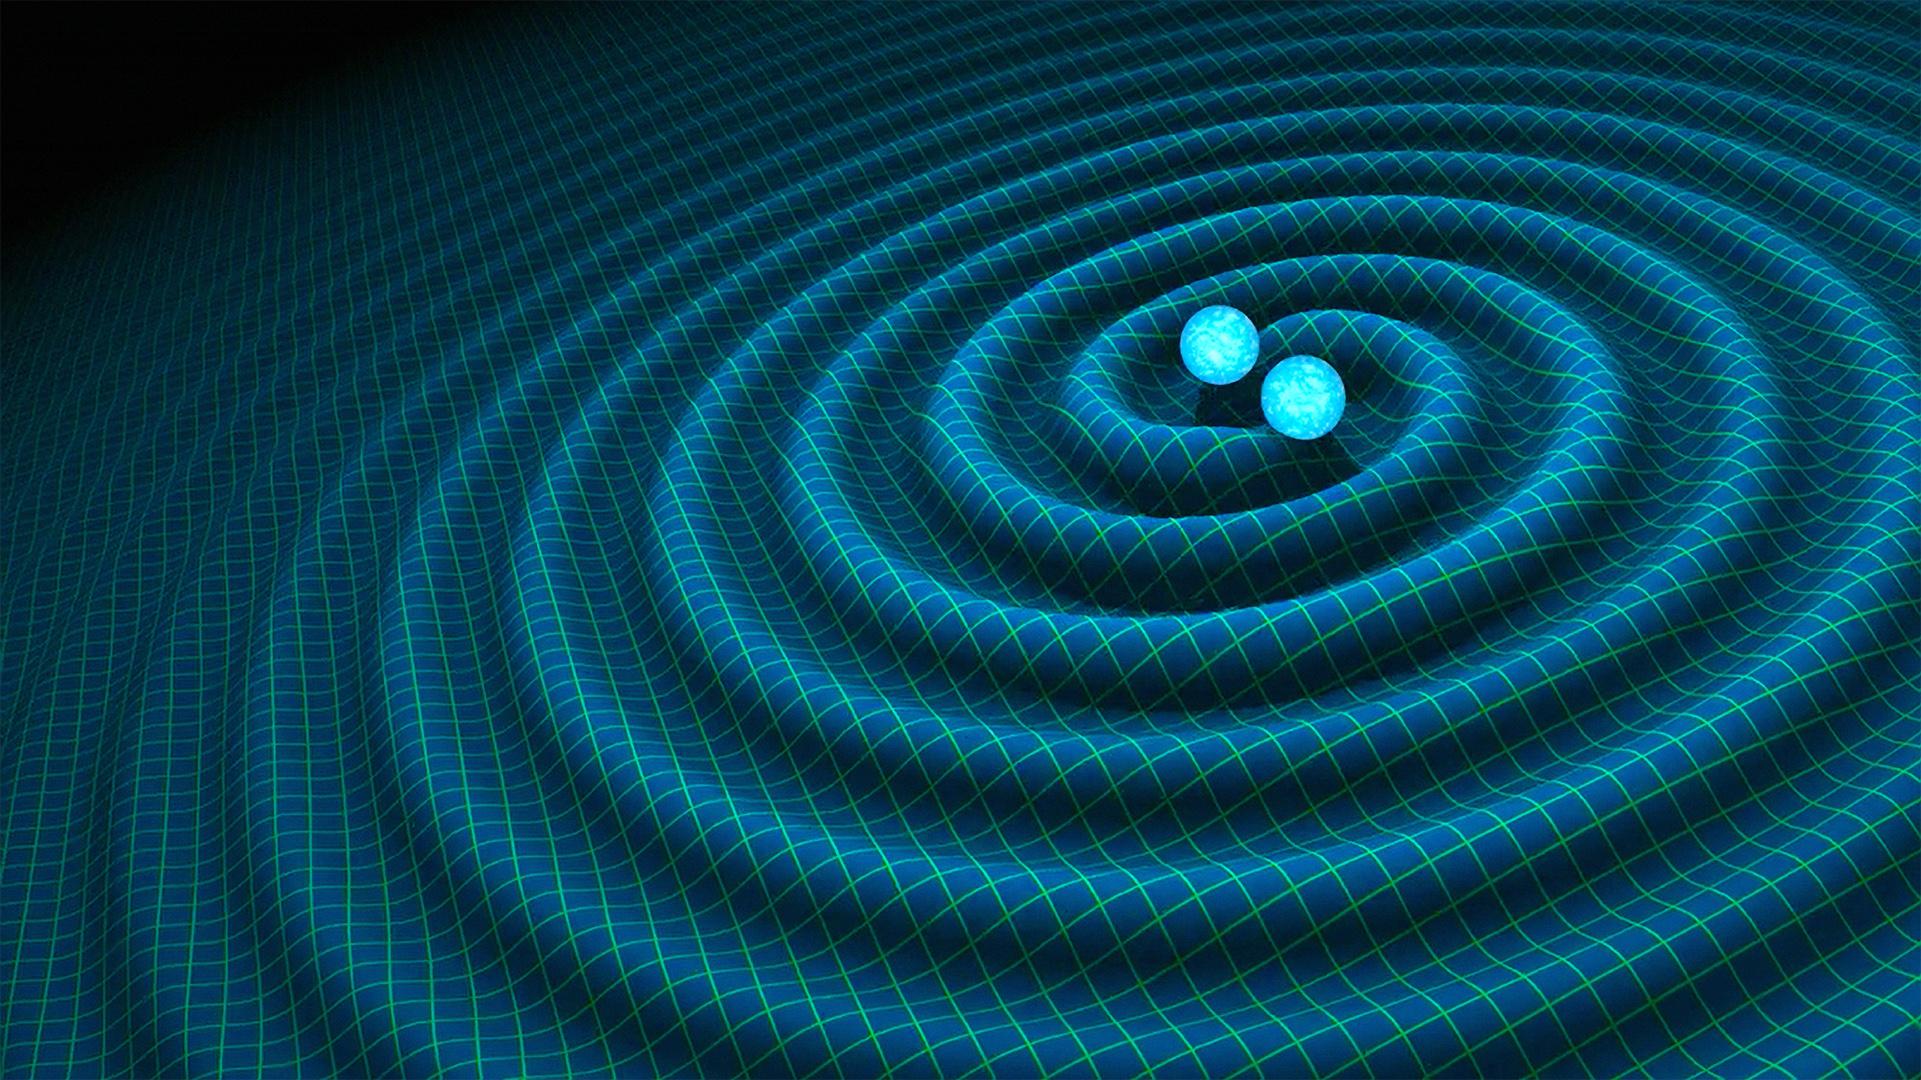 Wizja artystyczna przedstawiająca zderzenie dwóch gwiazd neutronowych.